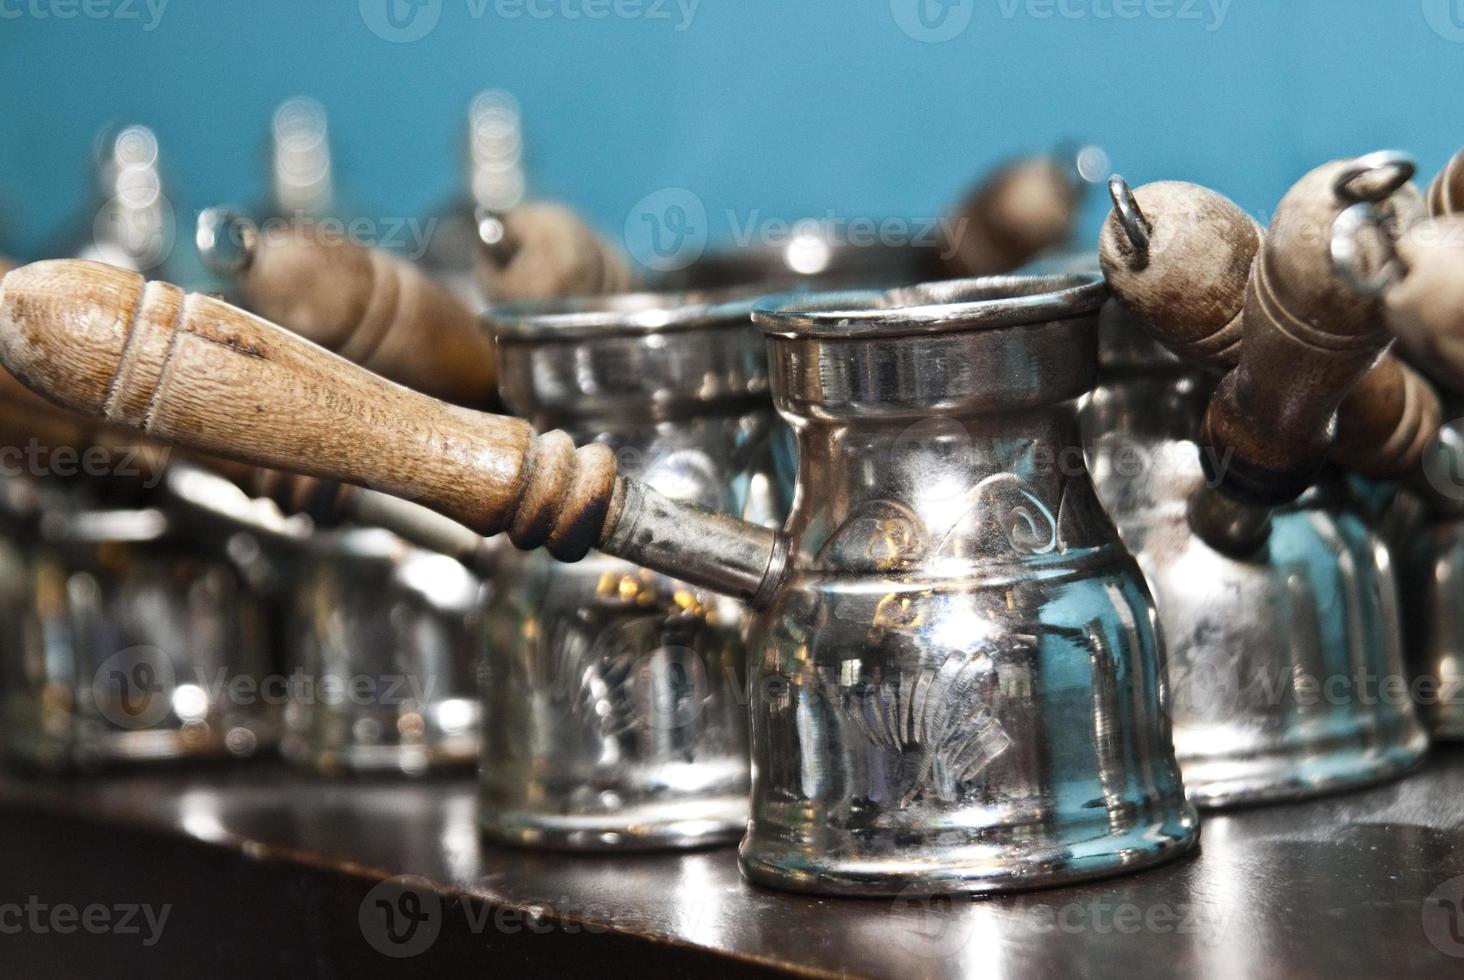 turkiskt traditionellt sätt att göra kaffe. turka foto